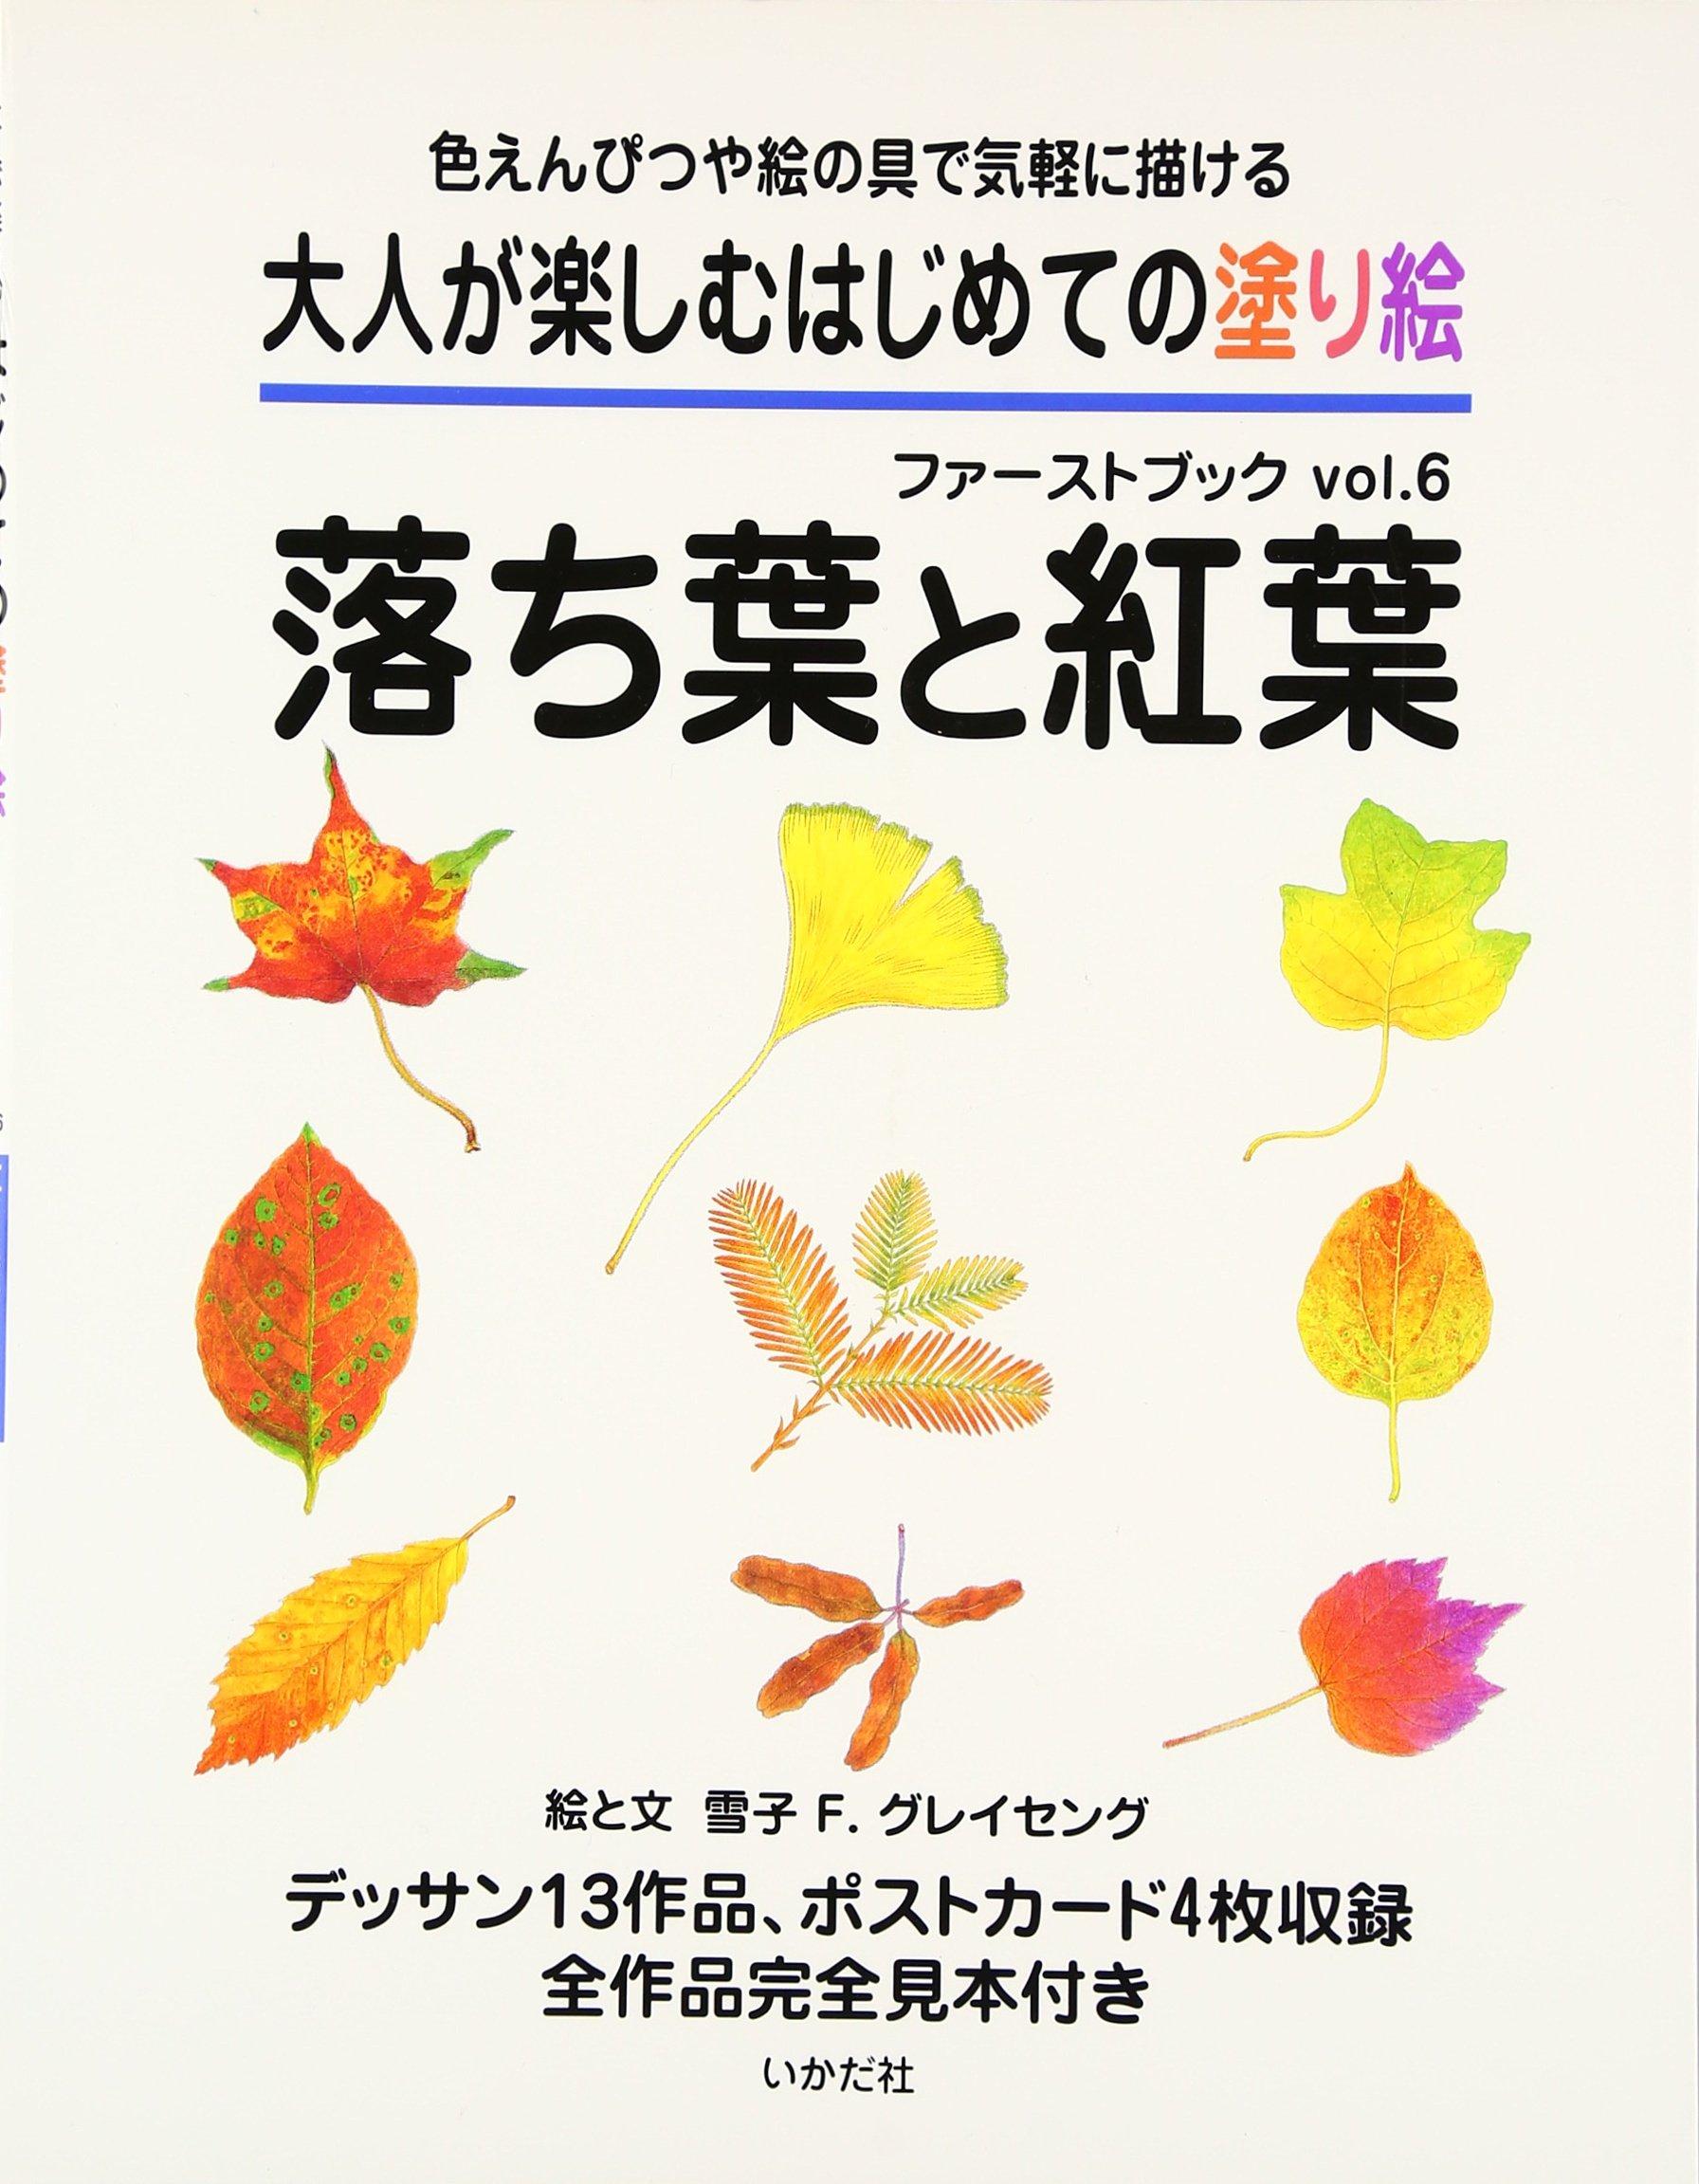 大人が楽しむはじめての塗り絵ファーストブックvol6落ち葉と紅葉色